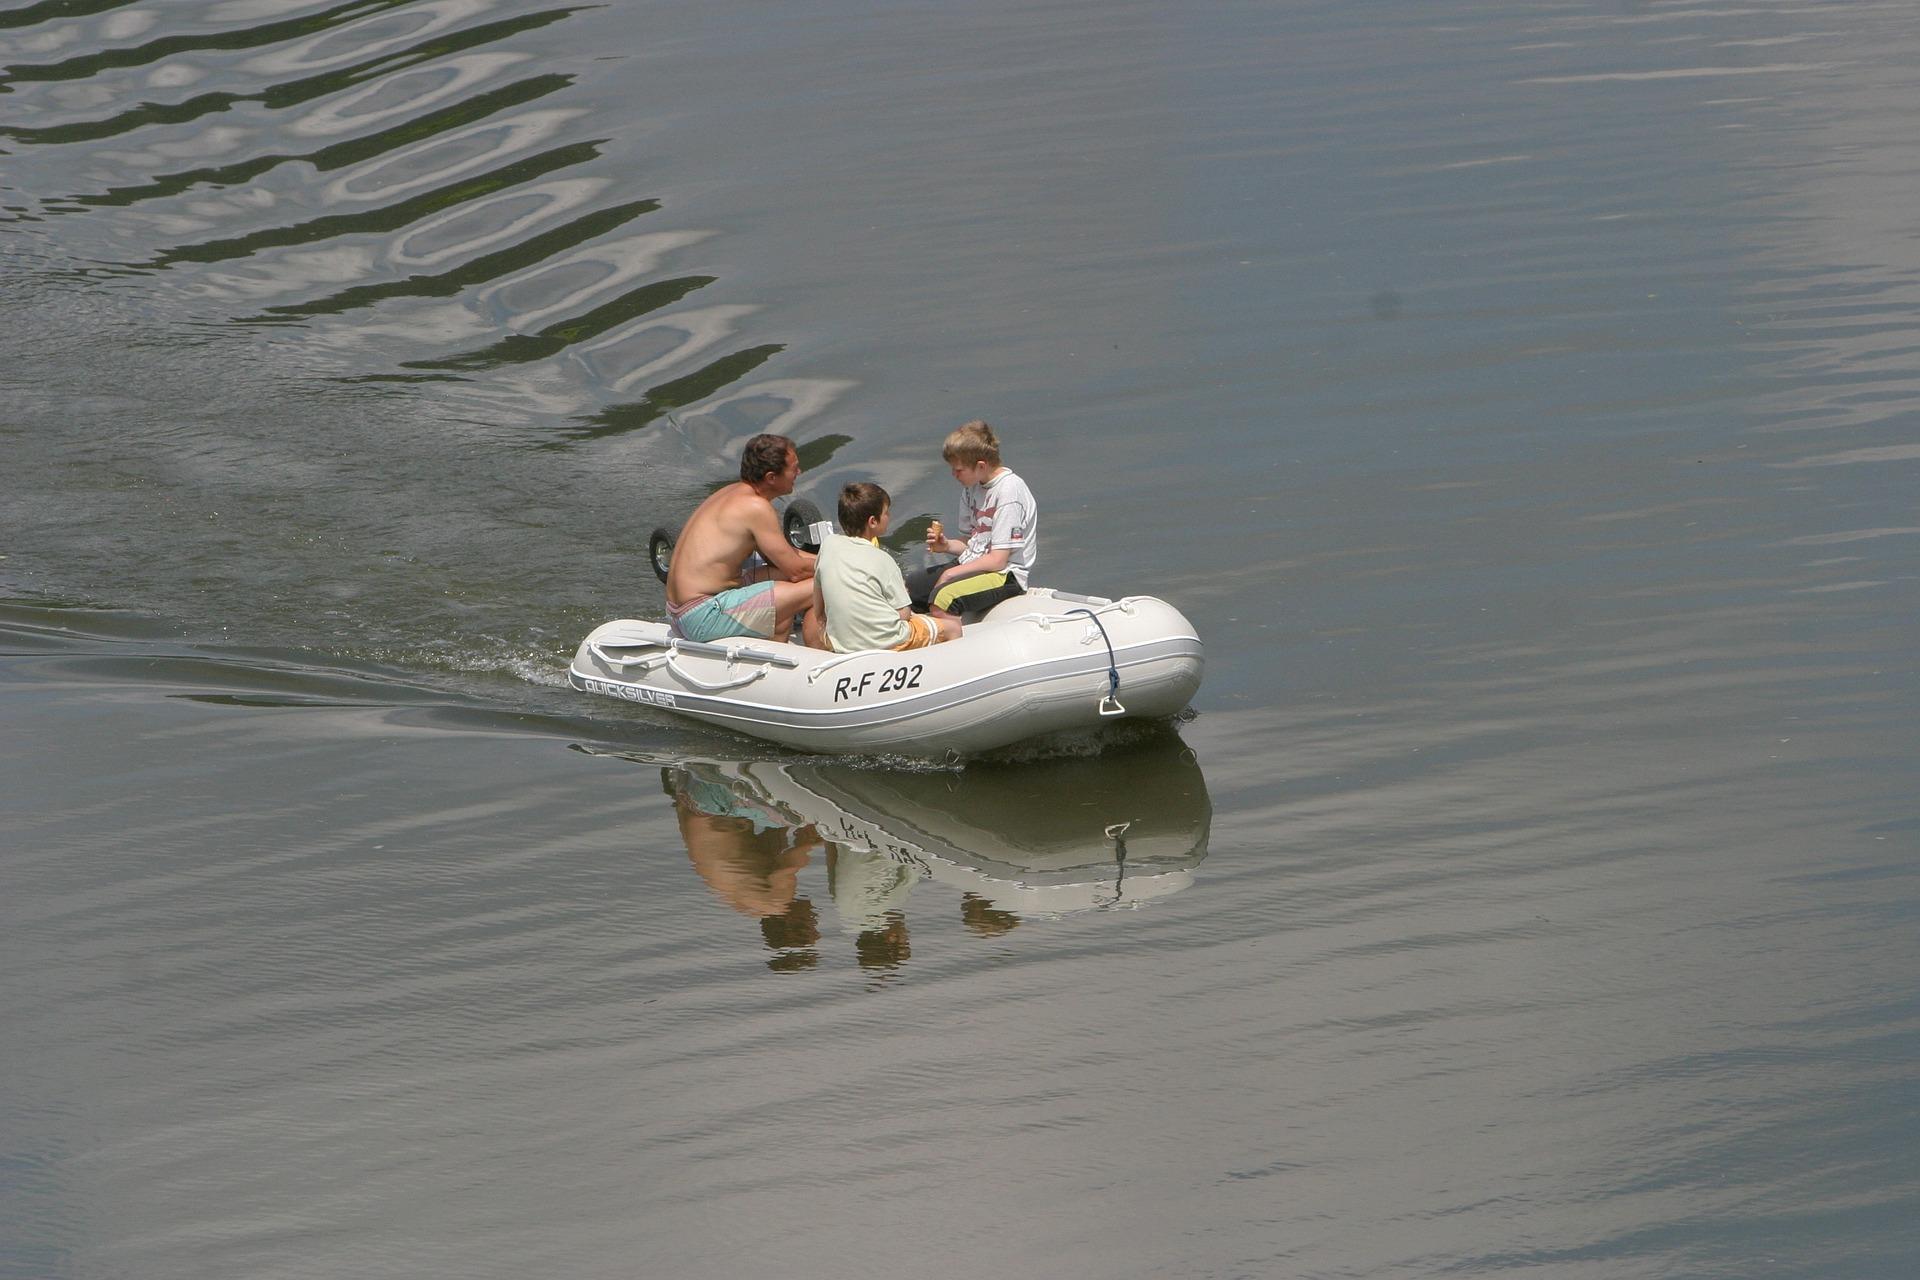 schlauchboot kaufen dein schlauchboot kaufen. Black Bedroom Furniture Sets. Home Design Ideas